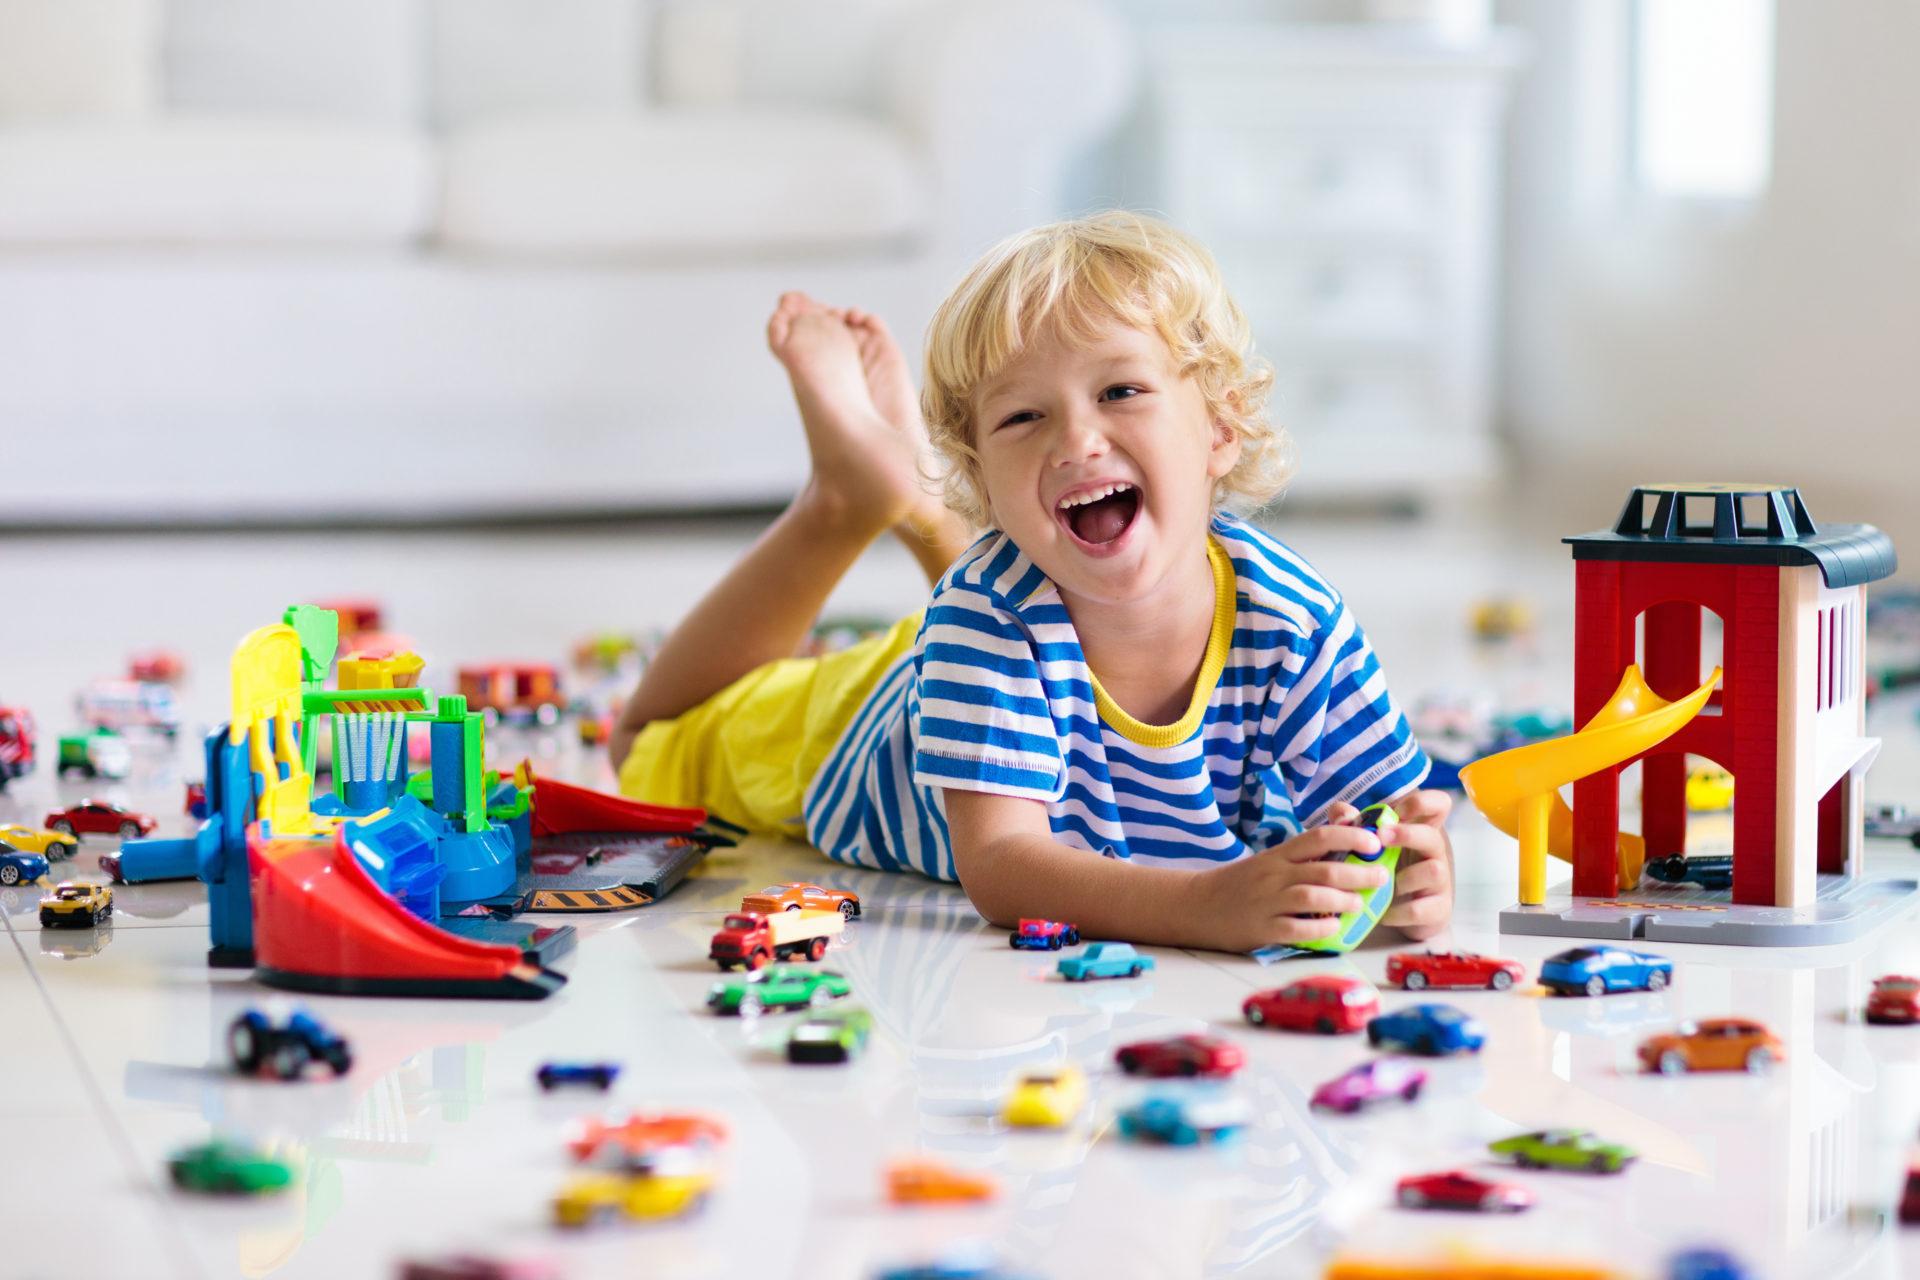 Jeu Eveil Enfant, Jouet Eveil Enfant, Cadeau D'eveil Pour à Jeux Pour Enfant De 3 Ans